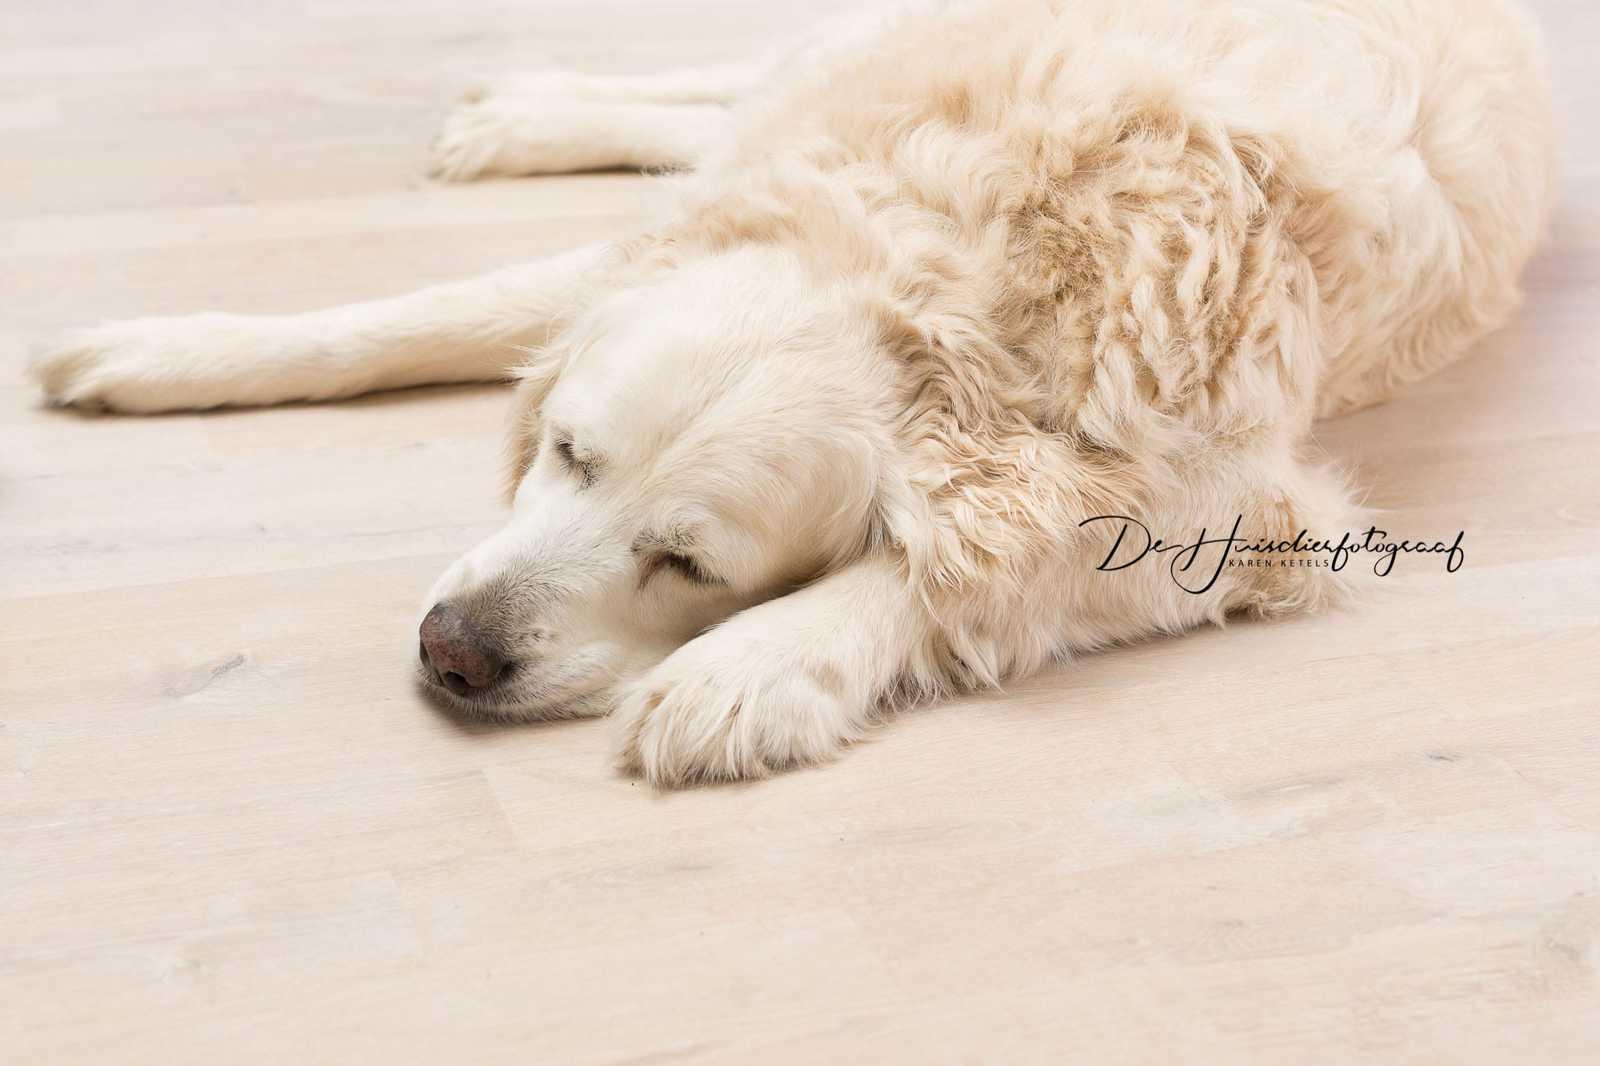 portret van een slapende witte golden retriever op een crèmekleurige houten vloer. Portret door De Huisdierfotograaf Karen Ketels